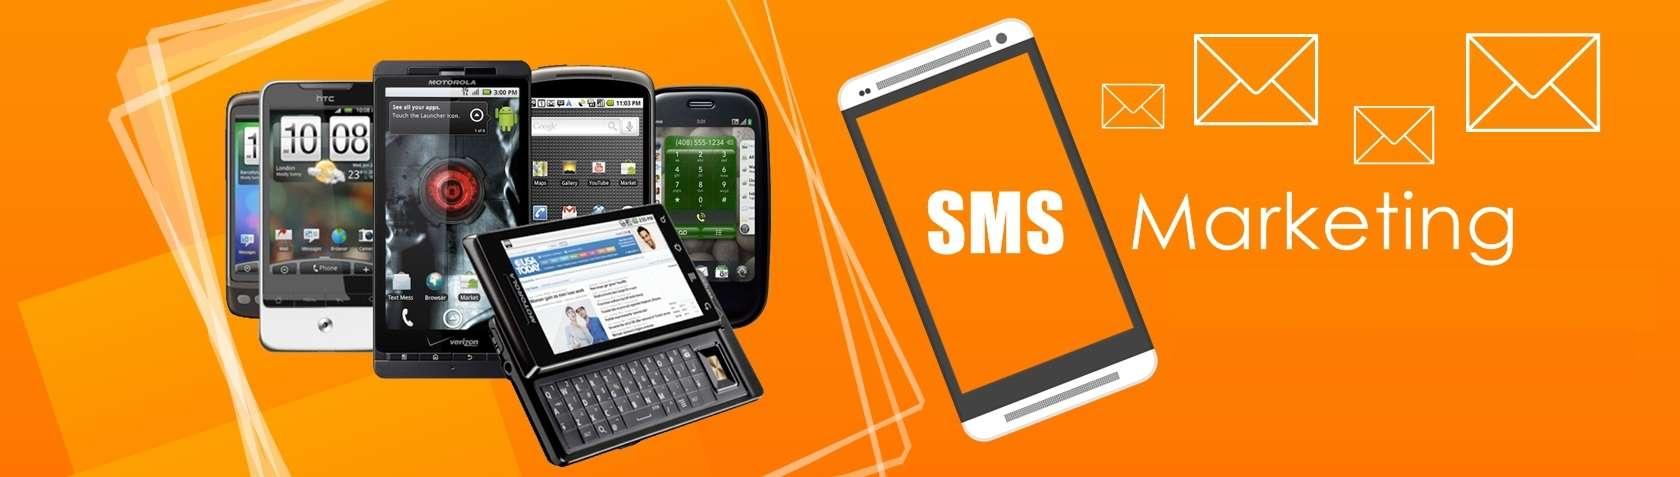 sms marketing company